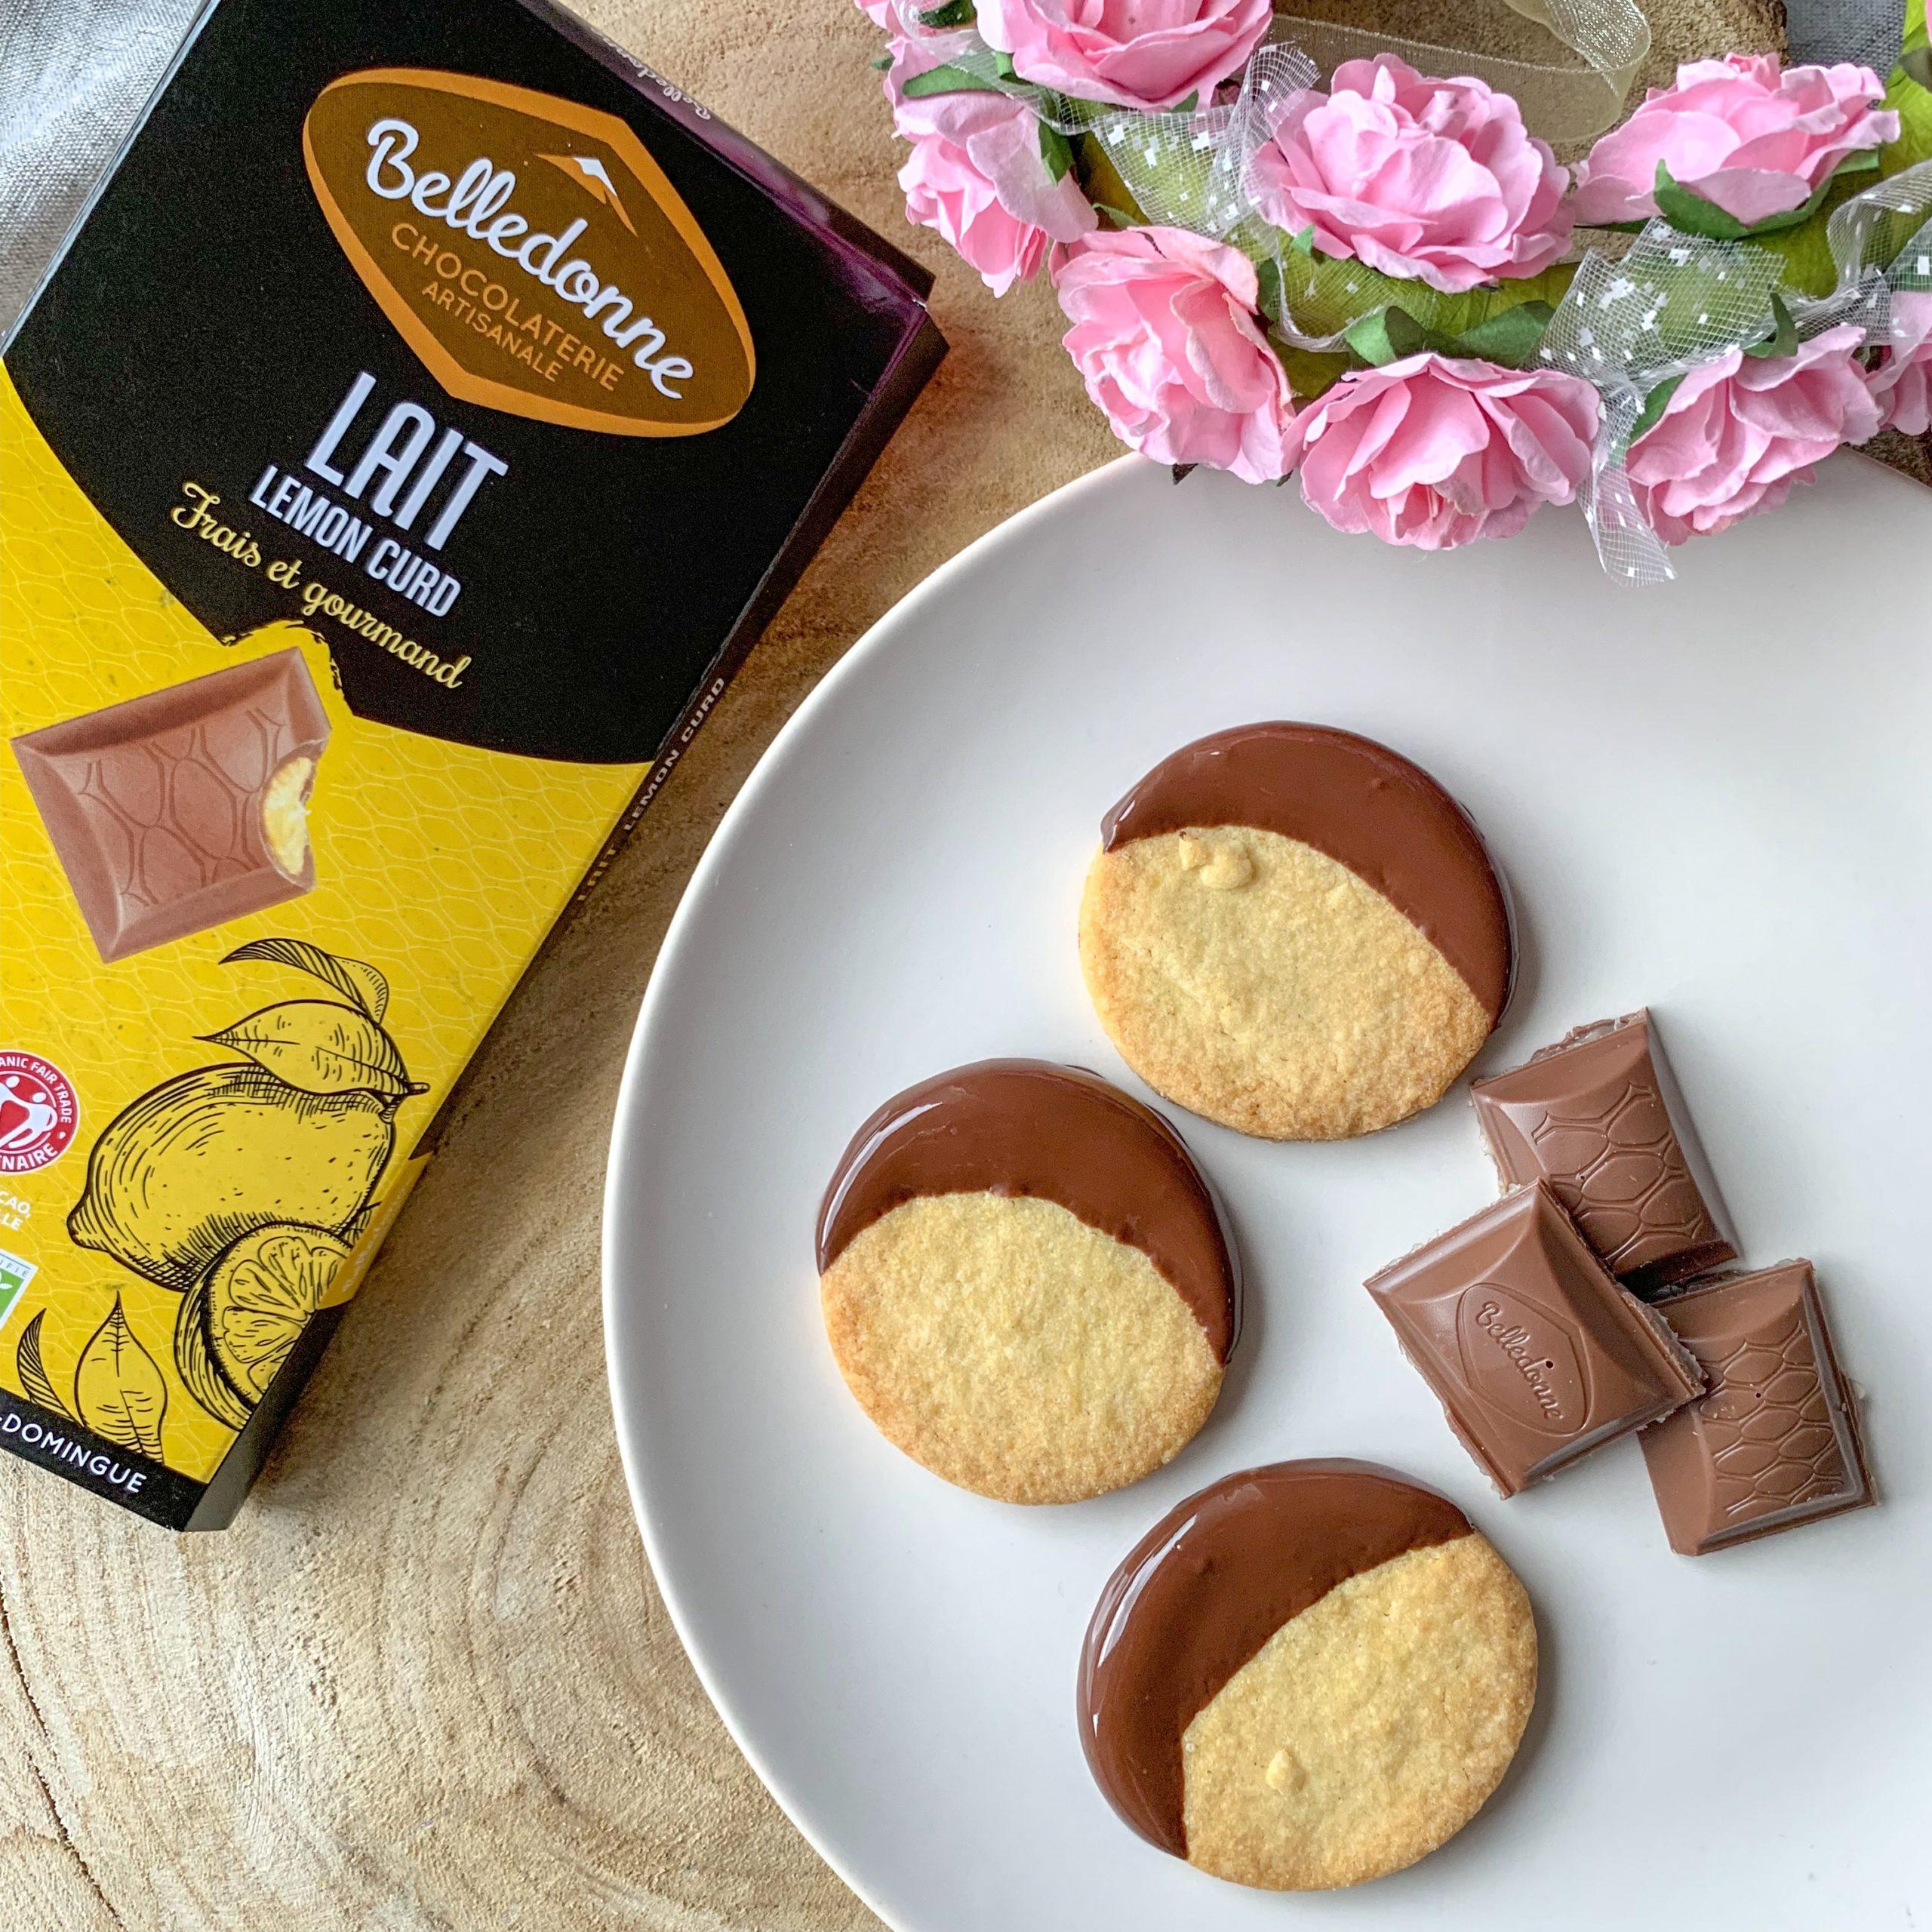 Petits sablés au chocolat au lait et lemon curd